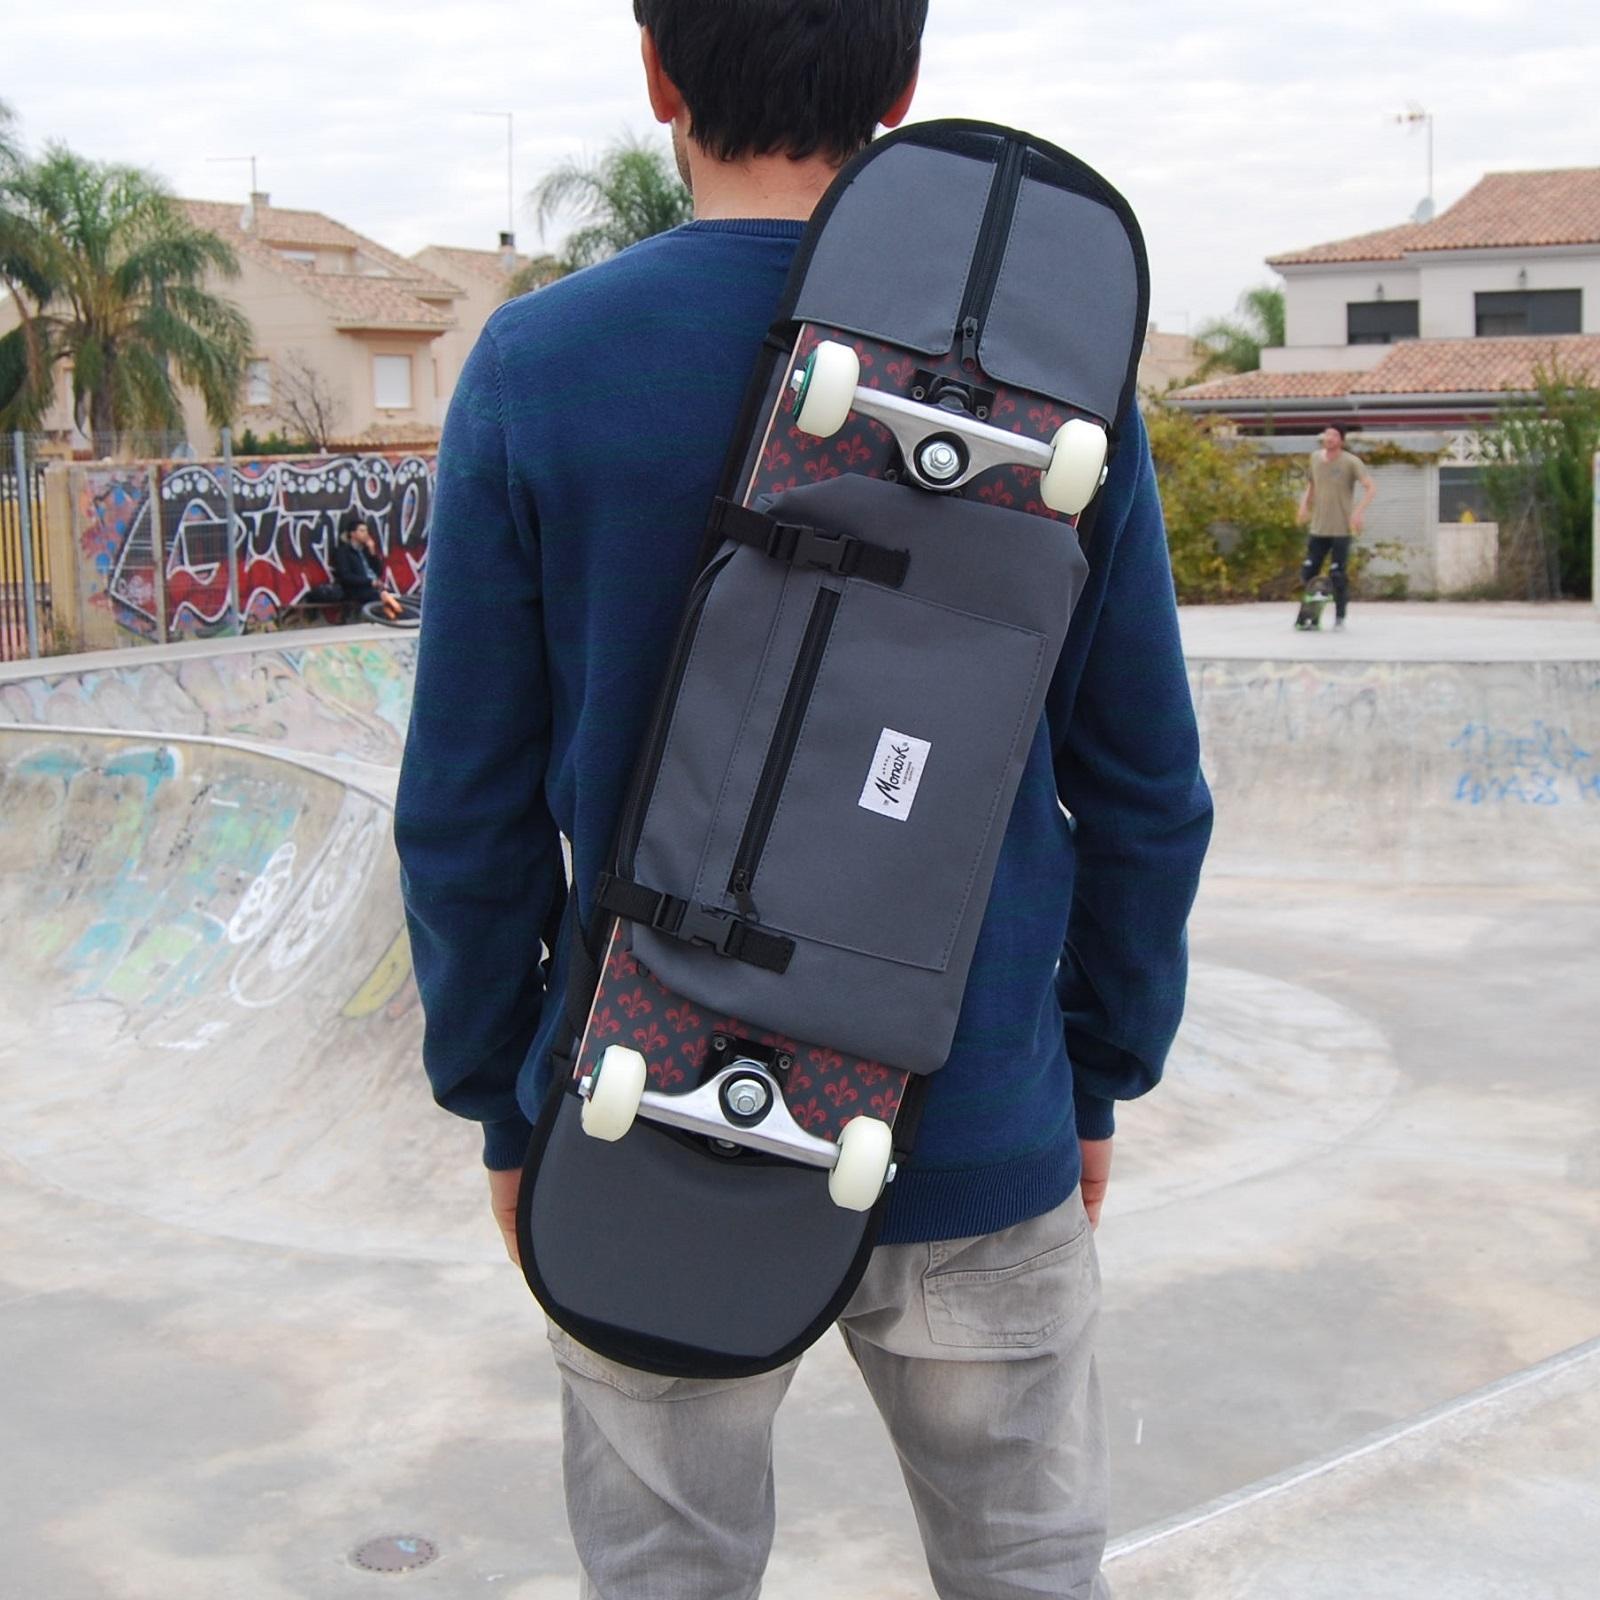 sac a dos porte skate